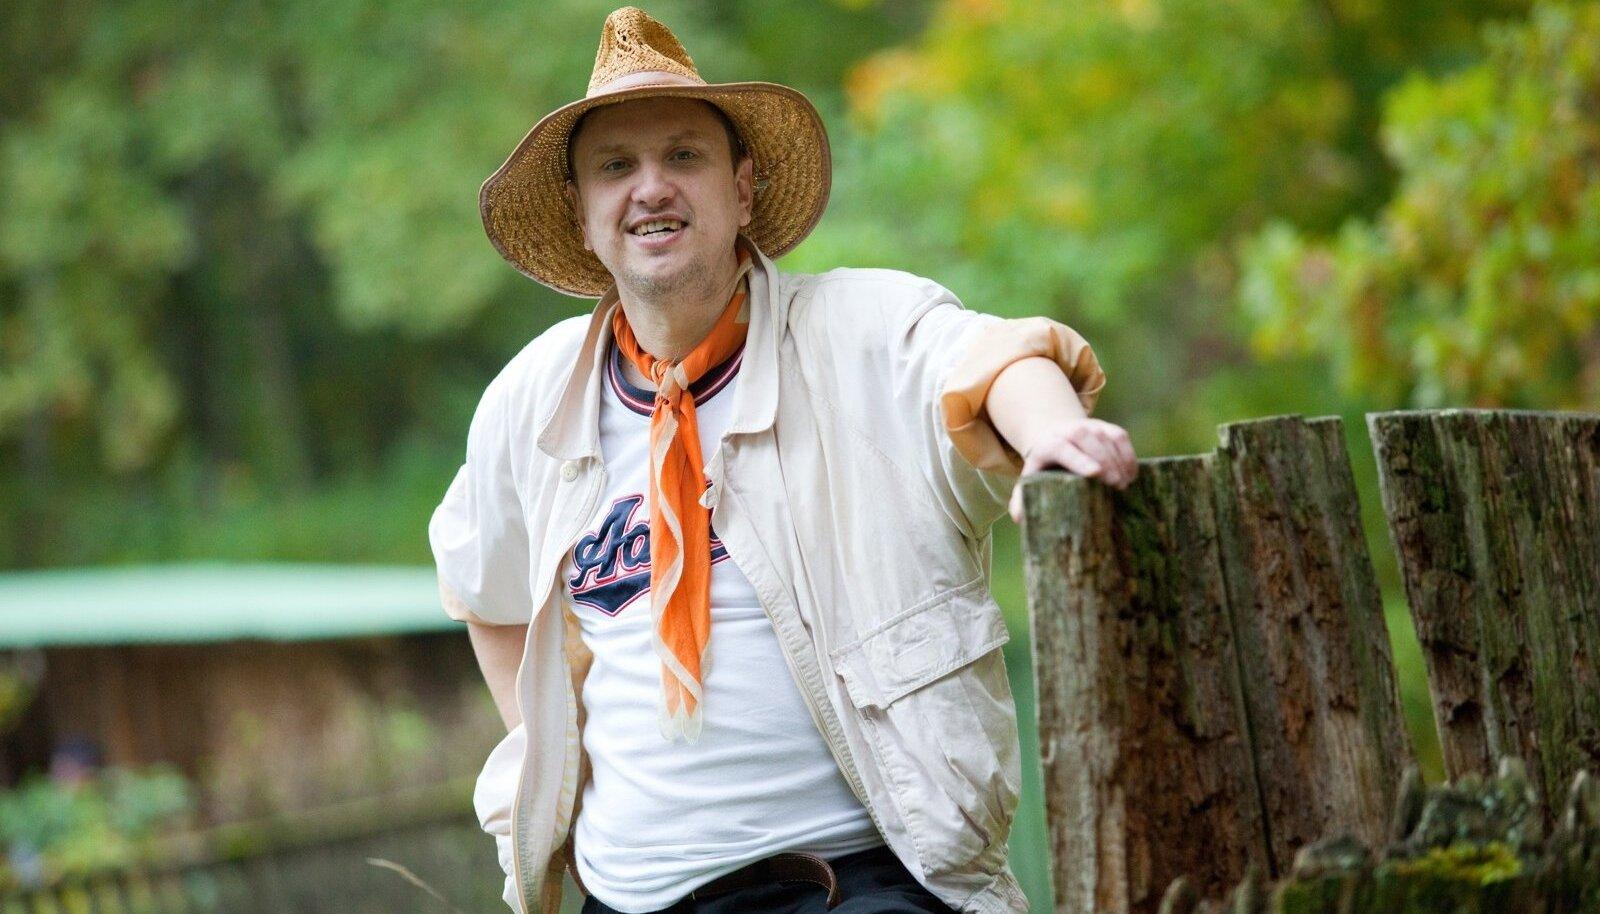 Marek Vahula on lapsest peale oma kutsumuseks seadnud looduskaitseradadel sammumise, mille tulemusel on sellele rajale jäänud meie kõigi rõõmuks mitmed sügavad jäljed.